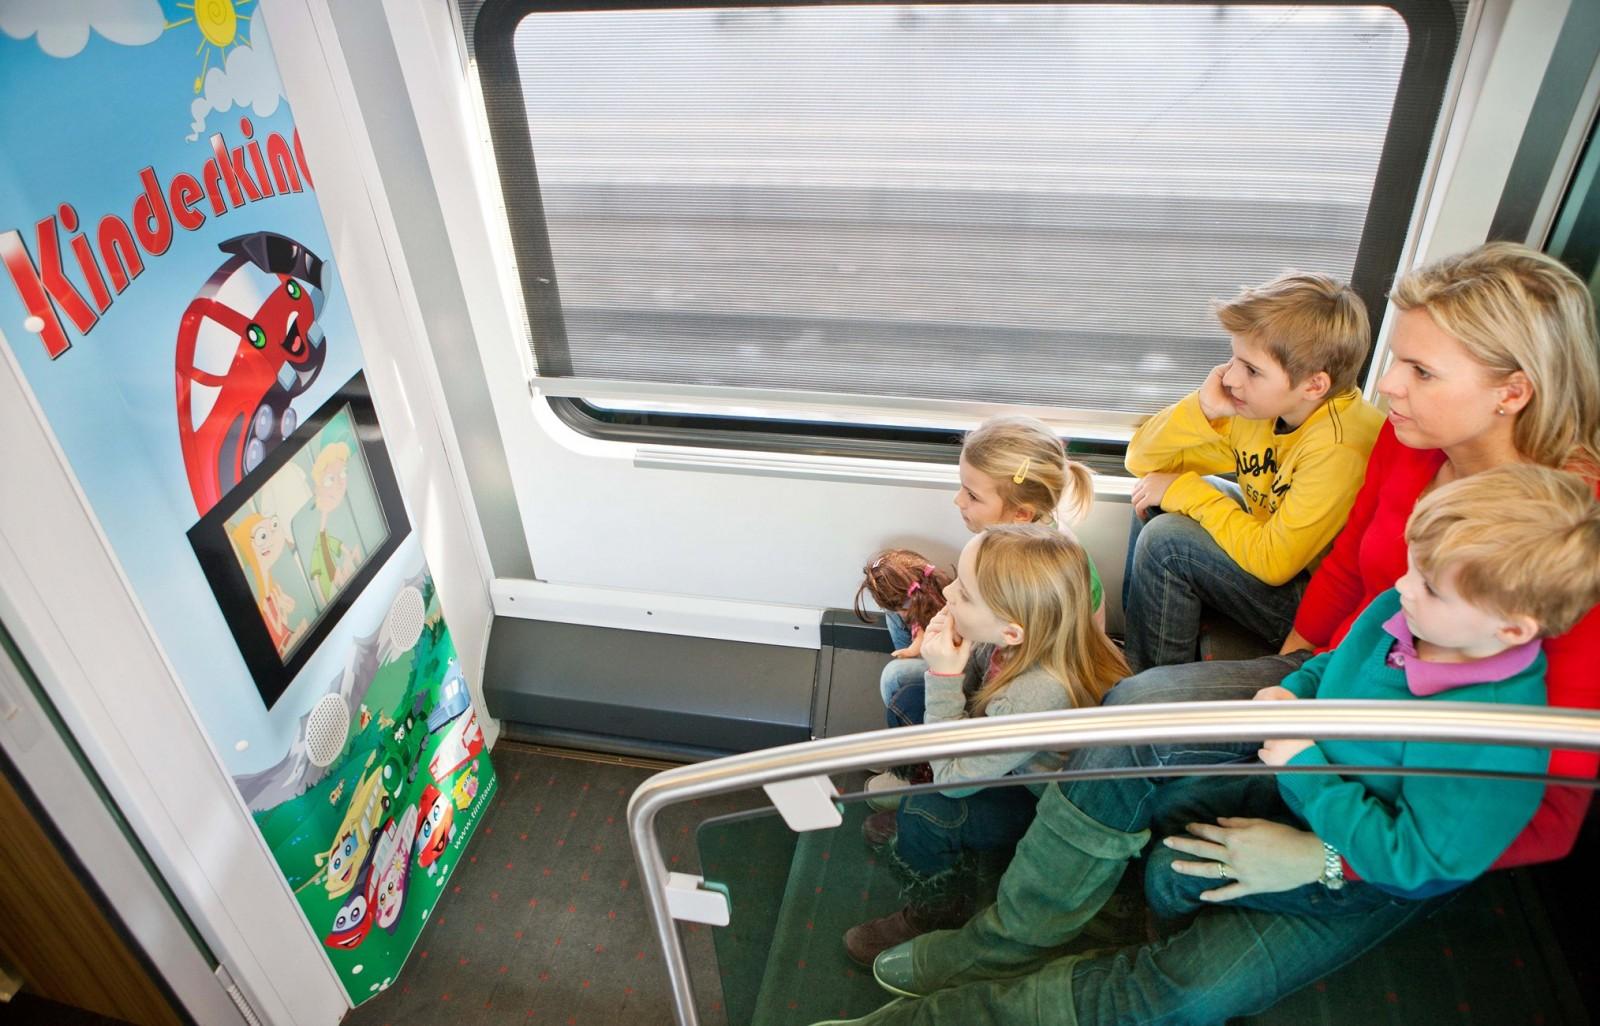 """Кабмін створив робочу групу для обговорення деталей співпраці """"Укрзалізниці"""" з Deutsche Bahn - Цензор.НЕТ 9822"""